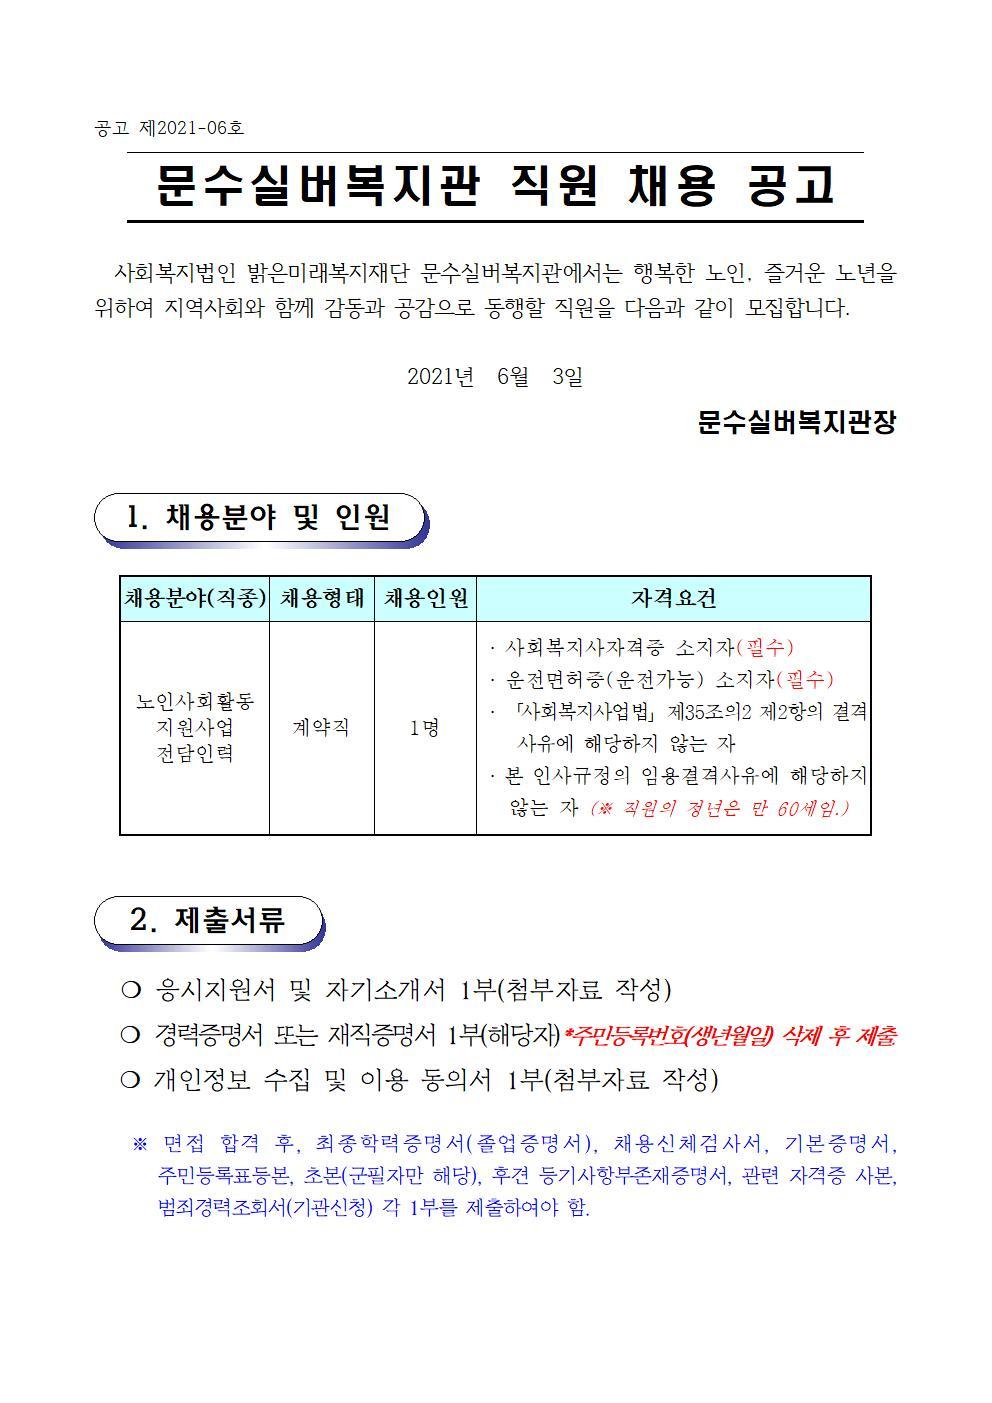 채용공고문 (2021.6.)전담인력001.jpg